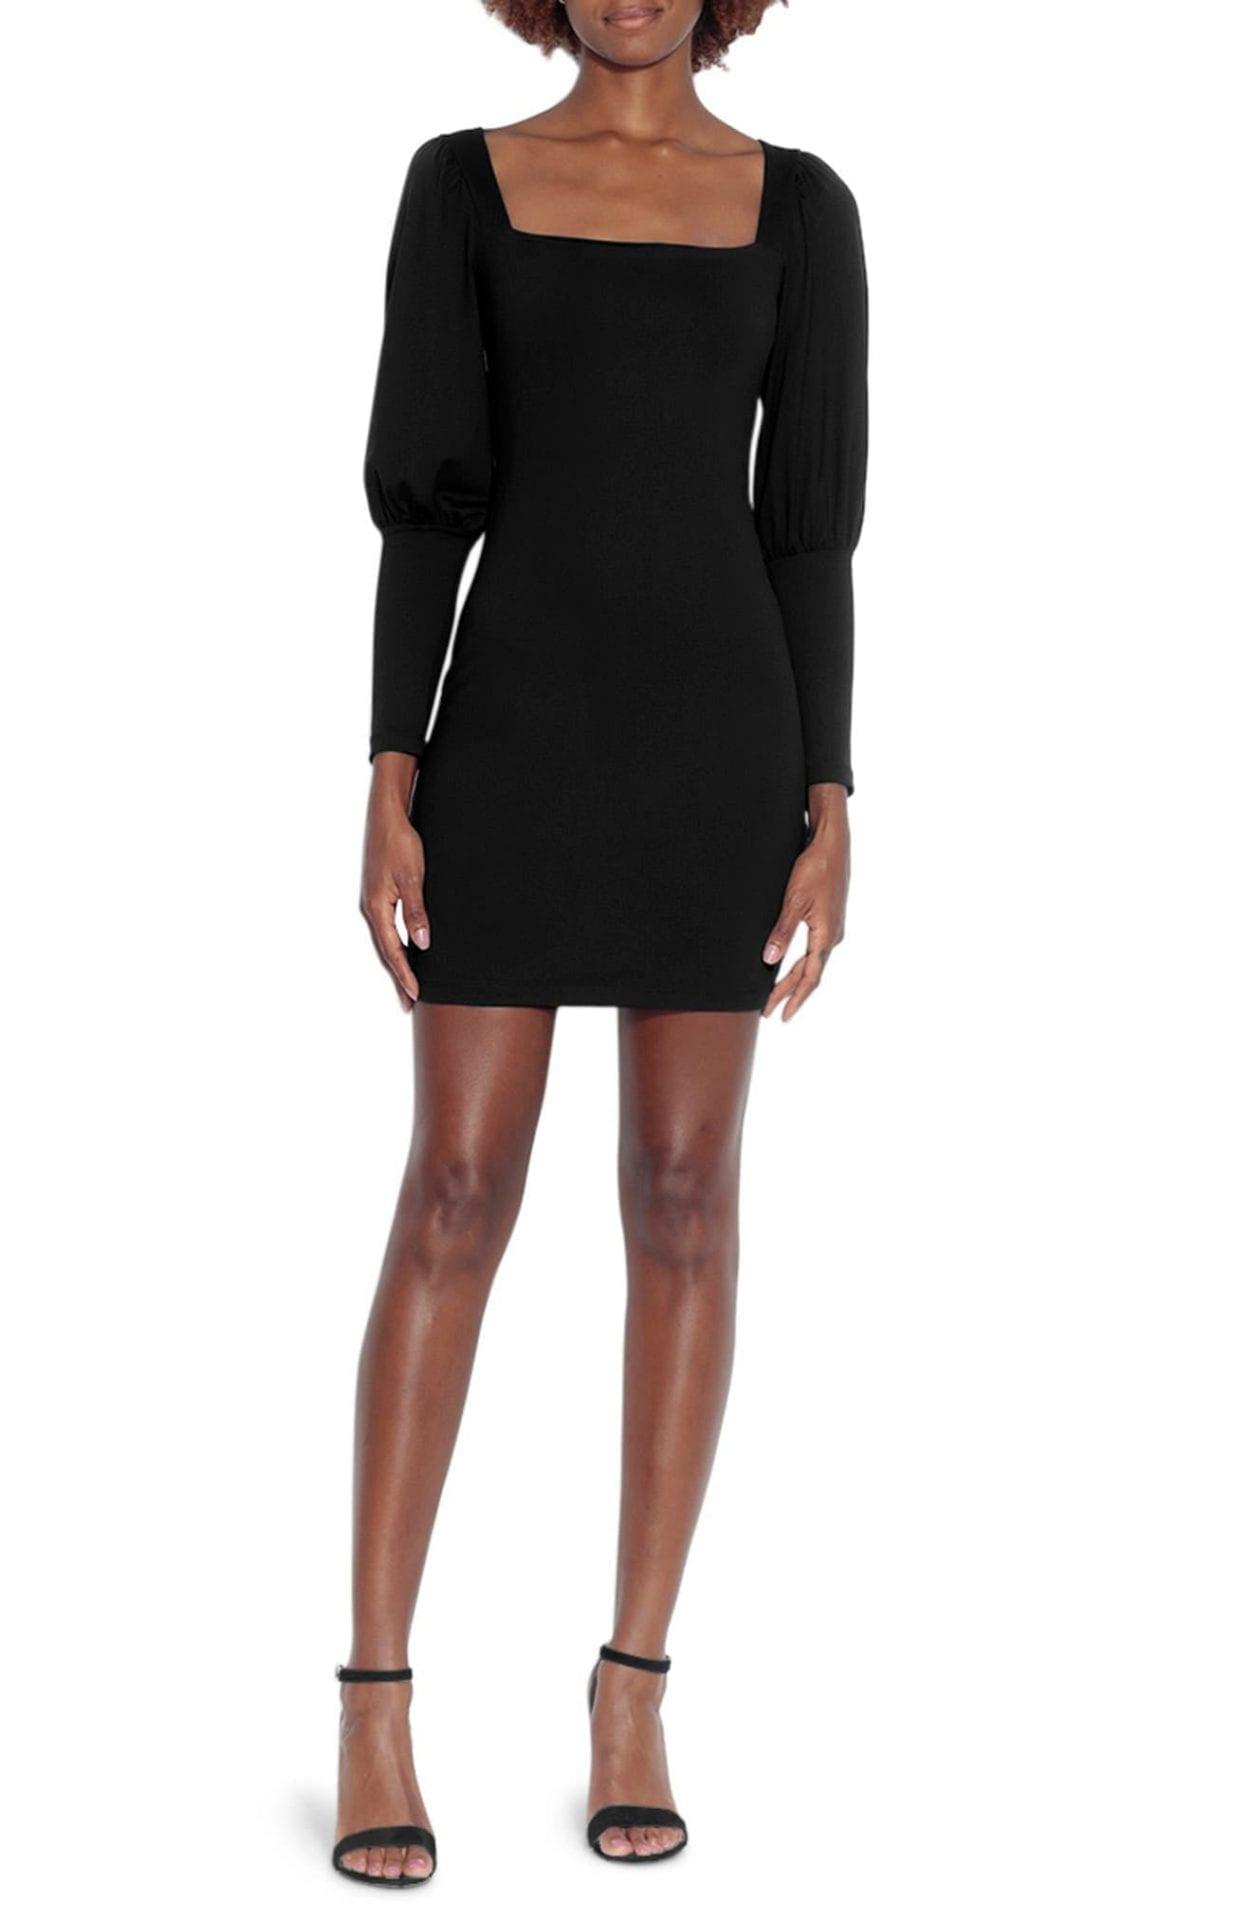 SUSANA MONACO Square Neck Long Sleeve Mini Dress